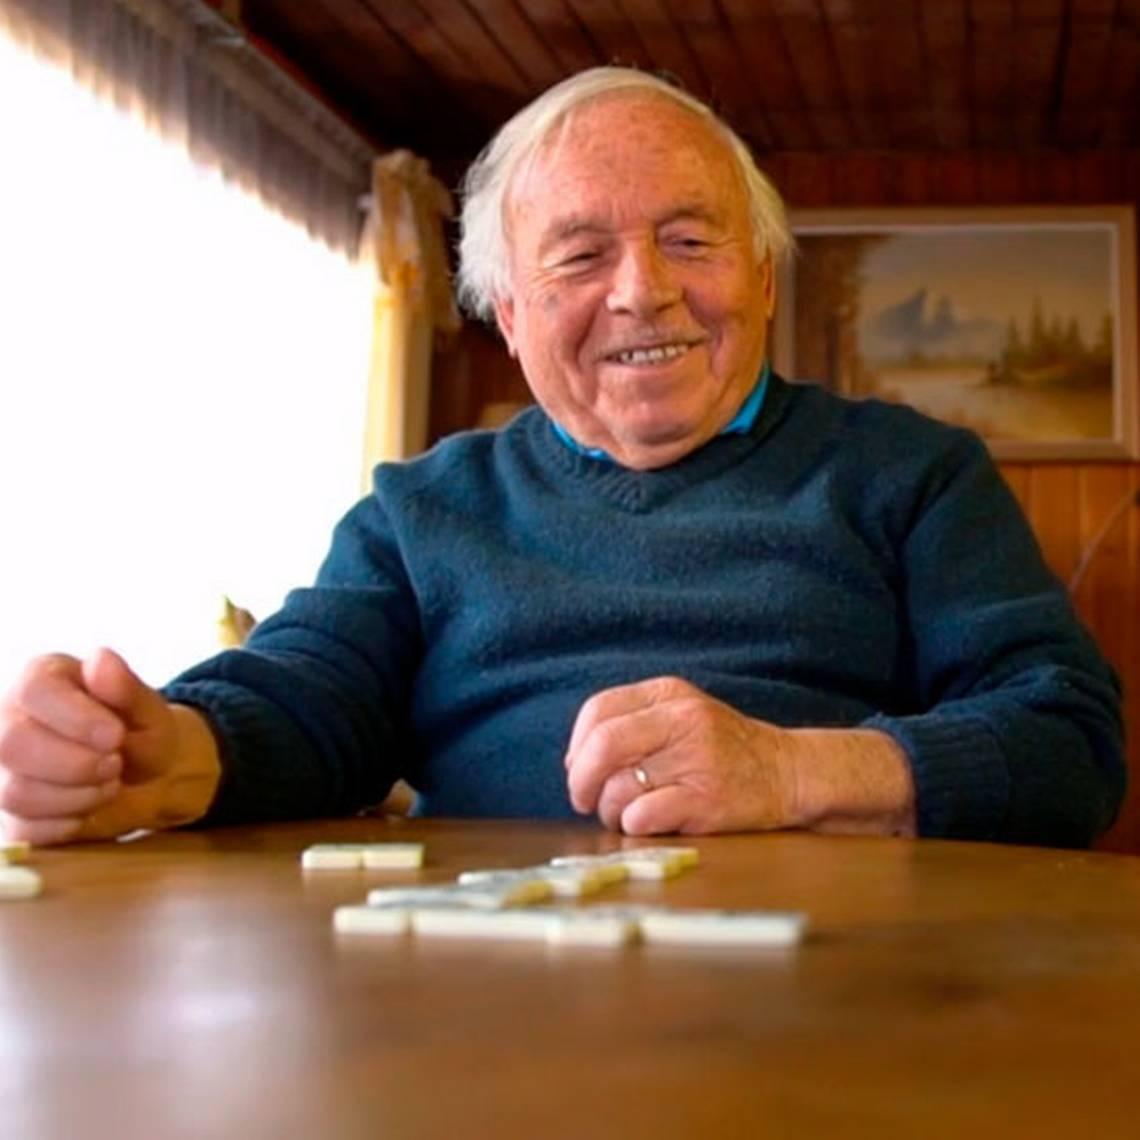 Bondad infinita: Adulto mayor dedica su vida a los demás